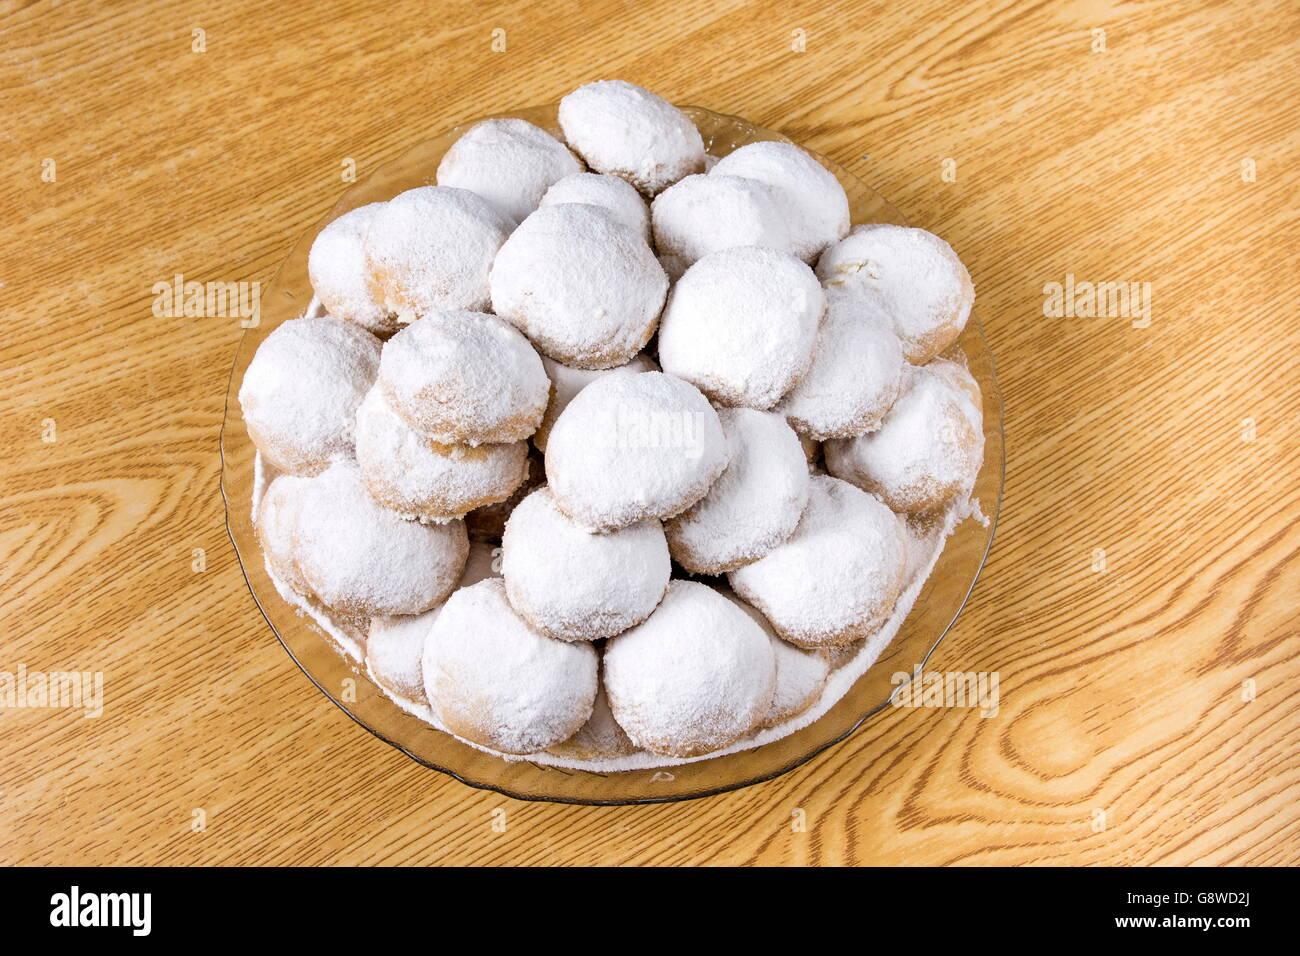 Wonderful Dessert Eid Al-Fitr Feast - kahk-feast-kahk-el-eid-translation-cookies-of-el-fitr-islamic-feast-G8WD2J  Photograph_374210 .jpg